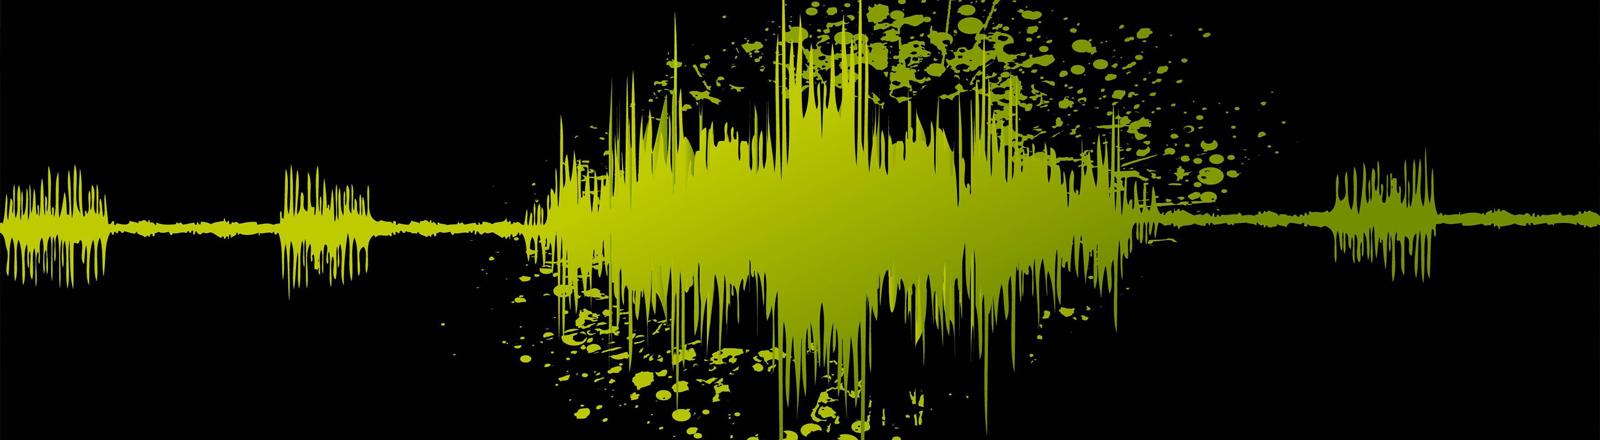 Eine Waveform, die eine Stimme darstellt